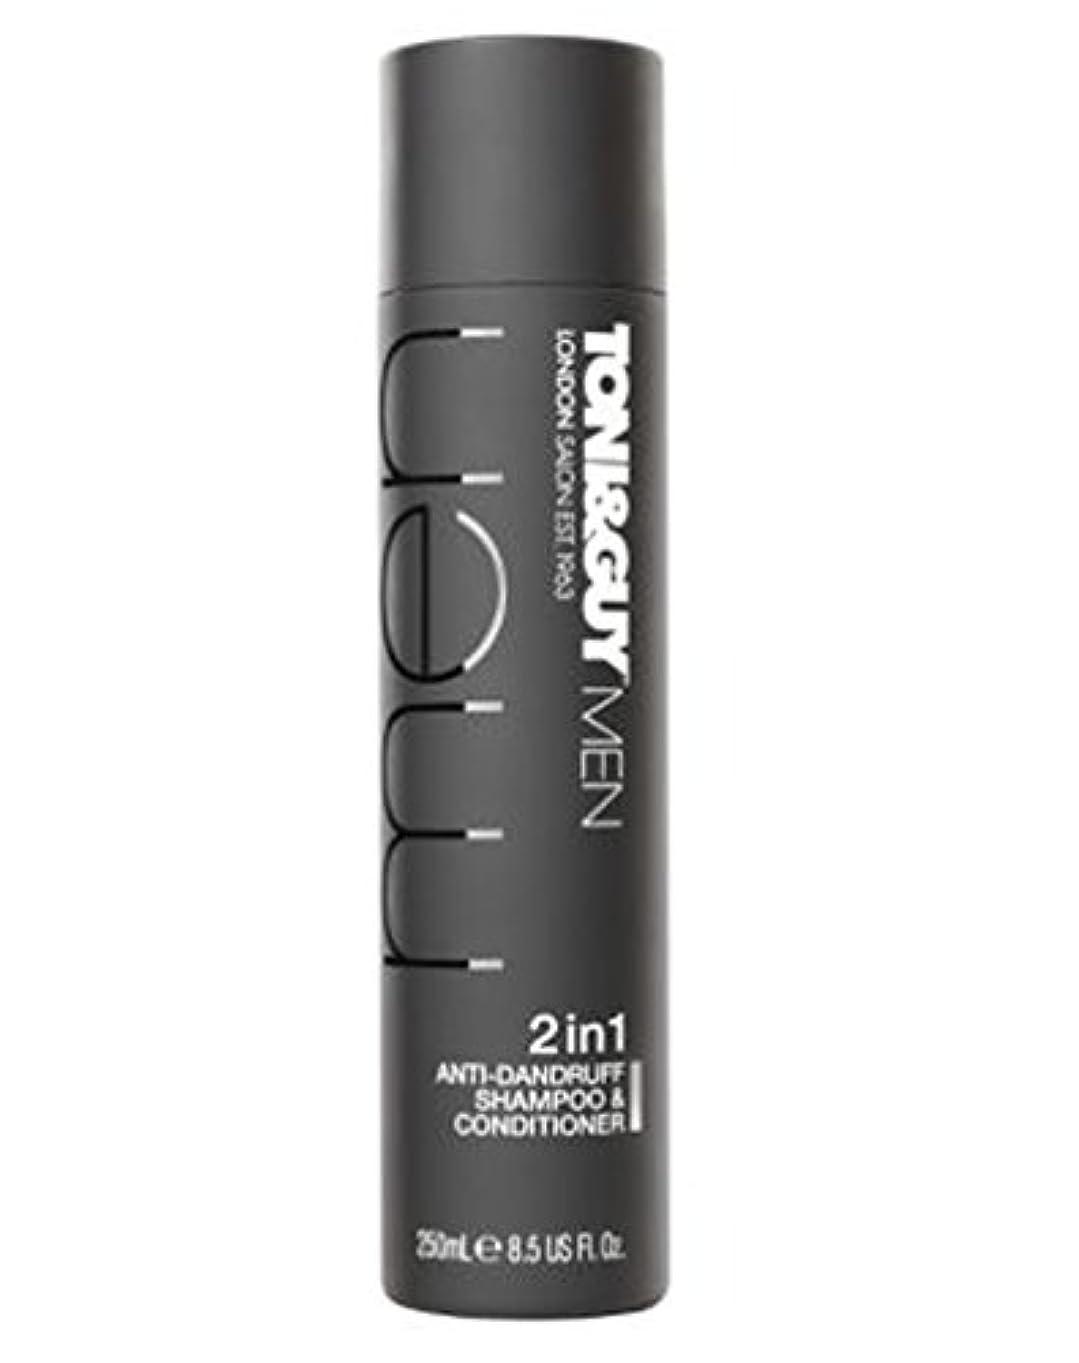 真空シマウマ影響するToni&Guy Men Anti-dandruff shampoo & conditioner 250ml - トニ&男男性のフケ防止シャンプー&コンディショナー250ミリリットル (Toni & Guy) [並行輸入品]